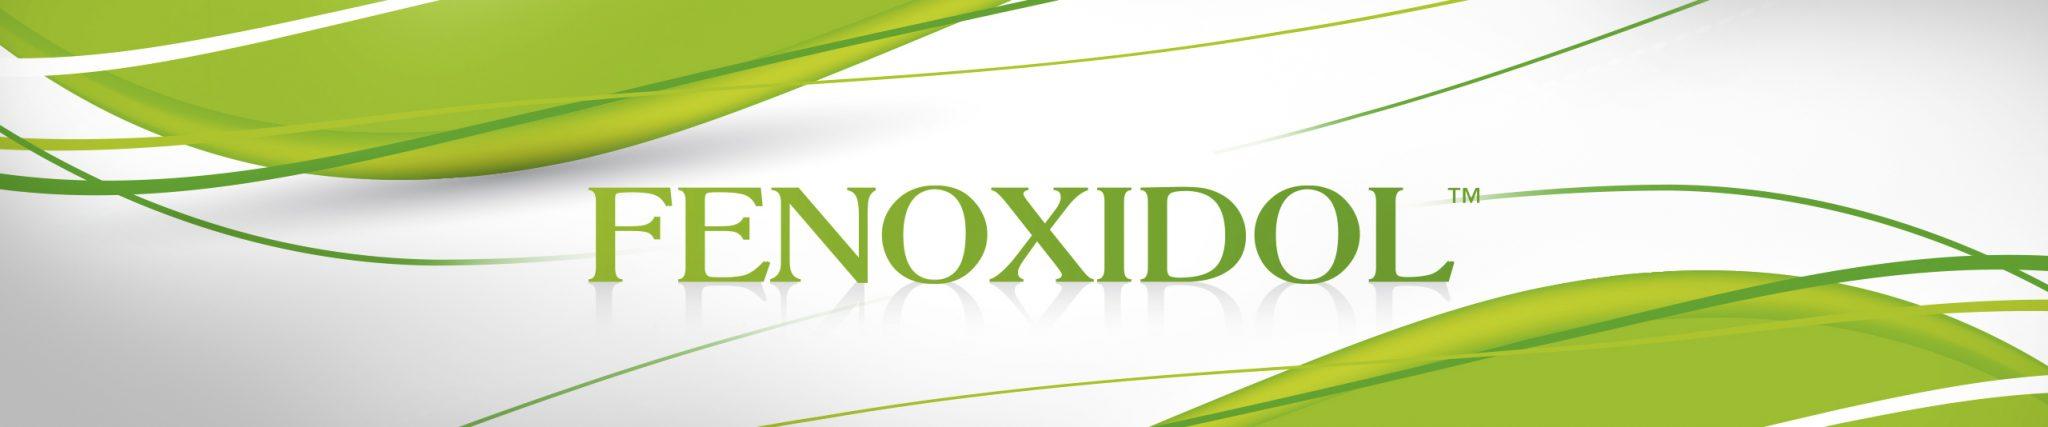 Fenoxidol